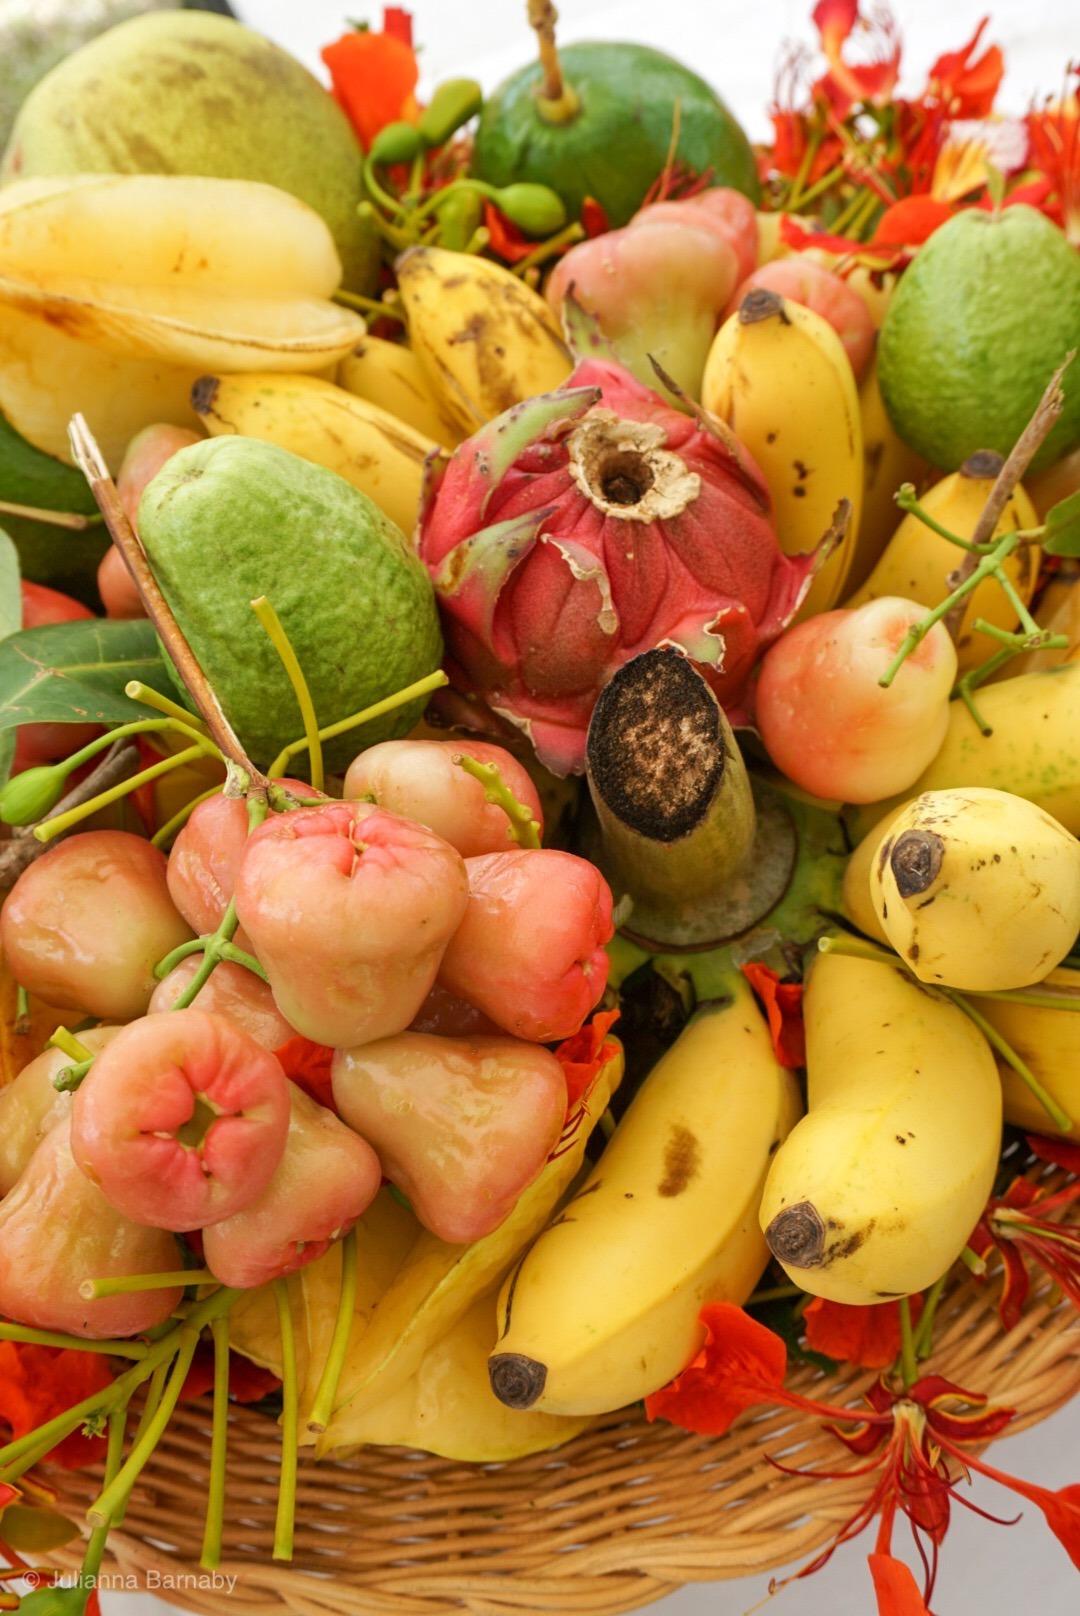 Fruit in Nevis